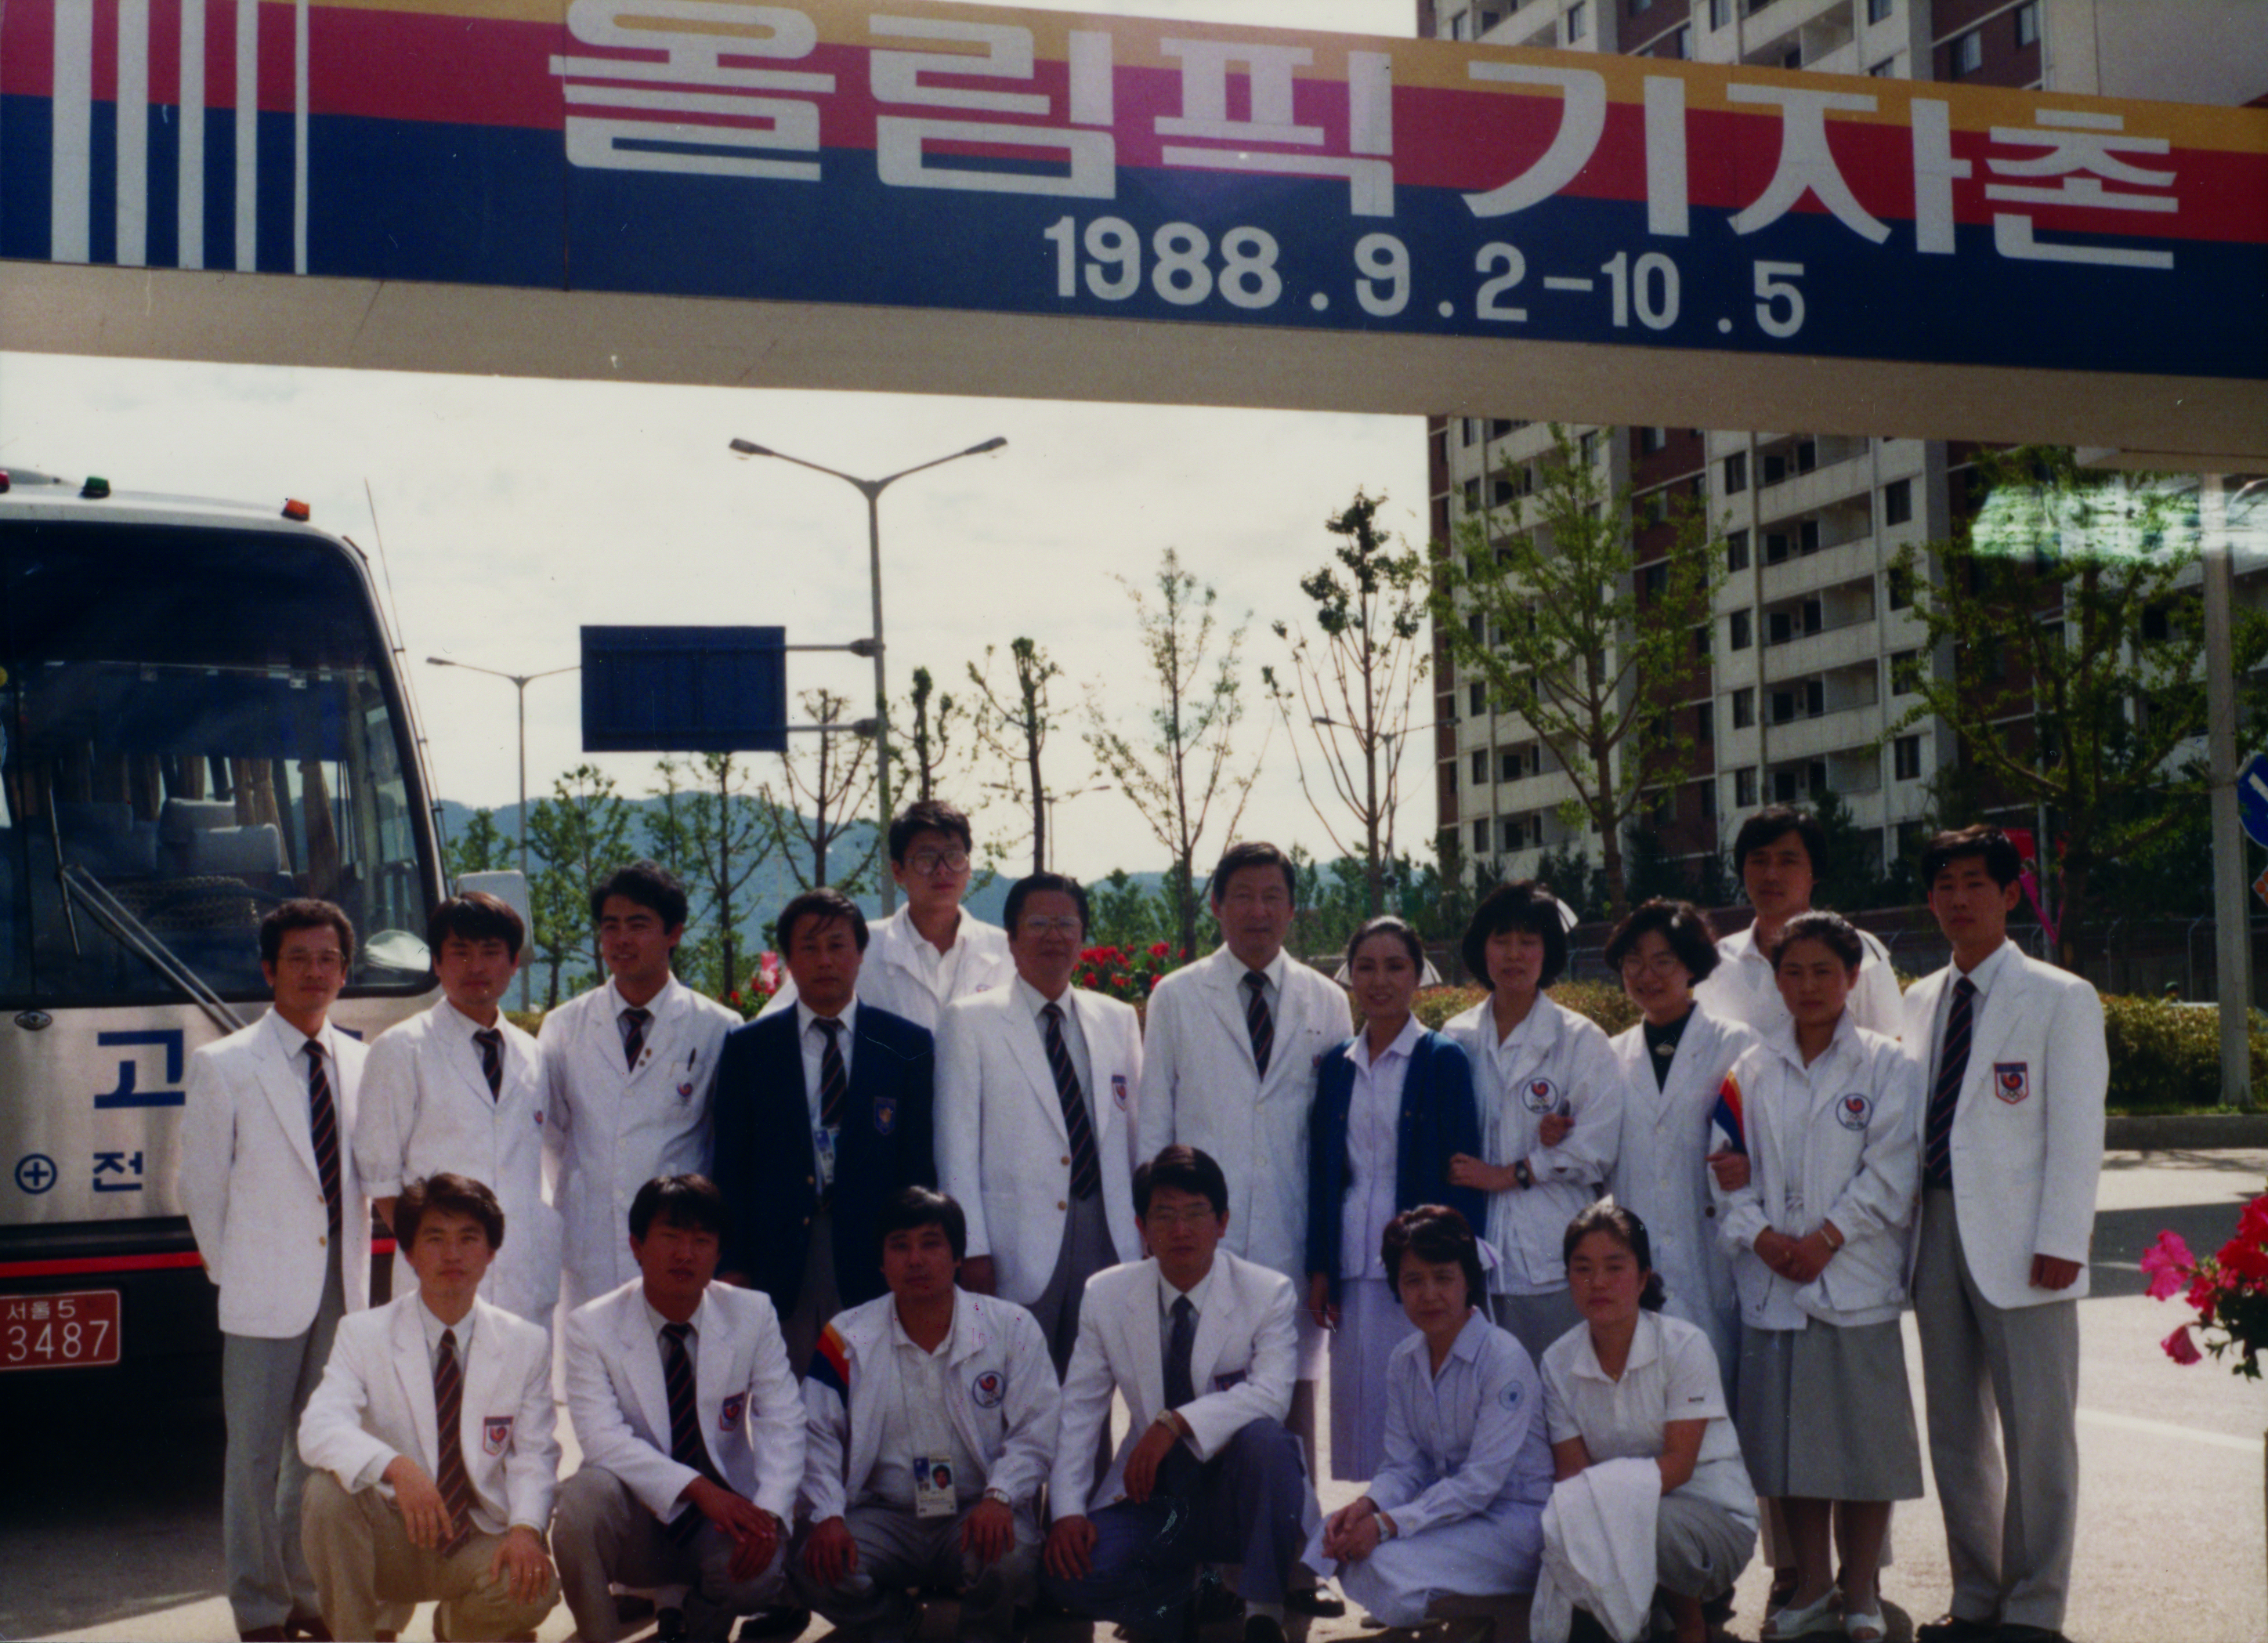 19880902 23-5_88.09.02_올림픽기자촌 서울올림픽 의무지원병원.jpg